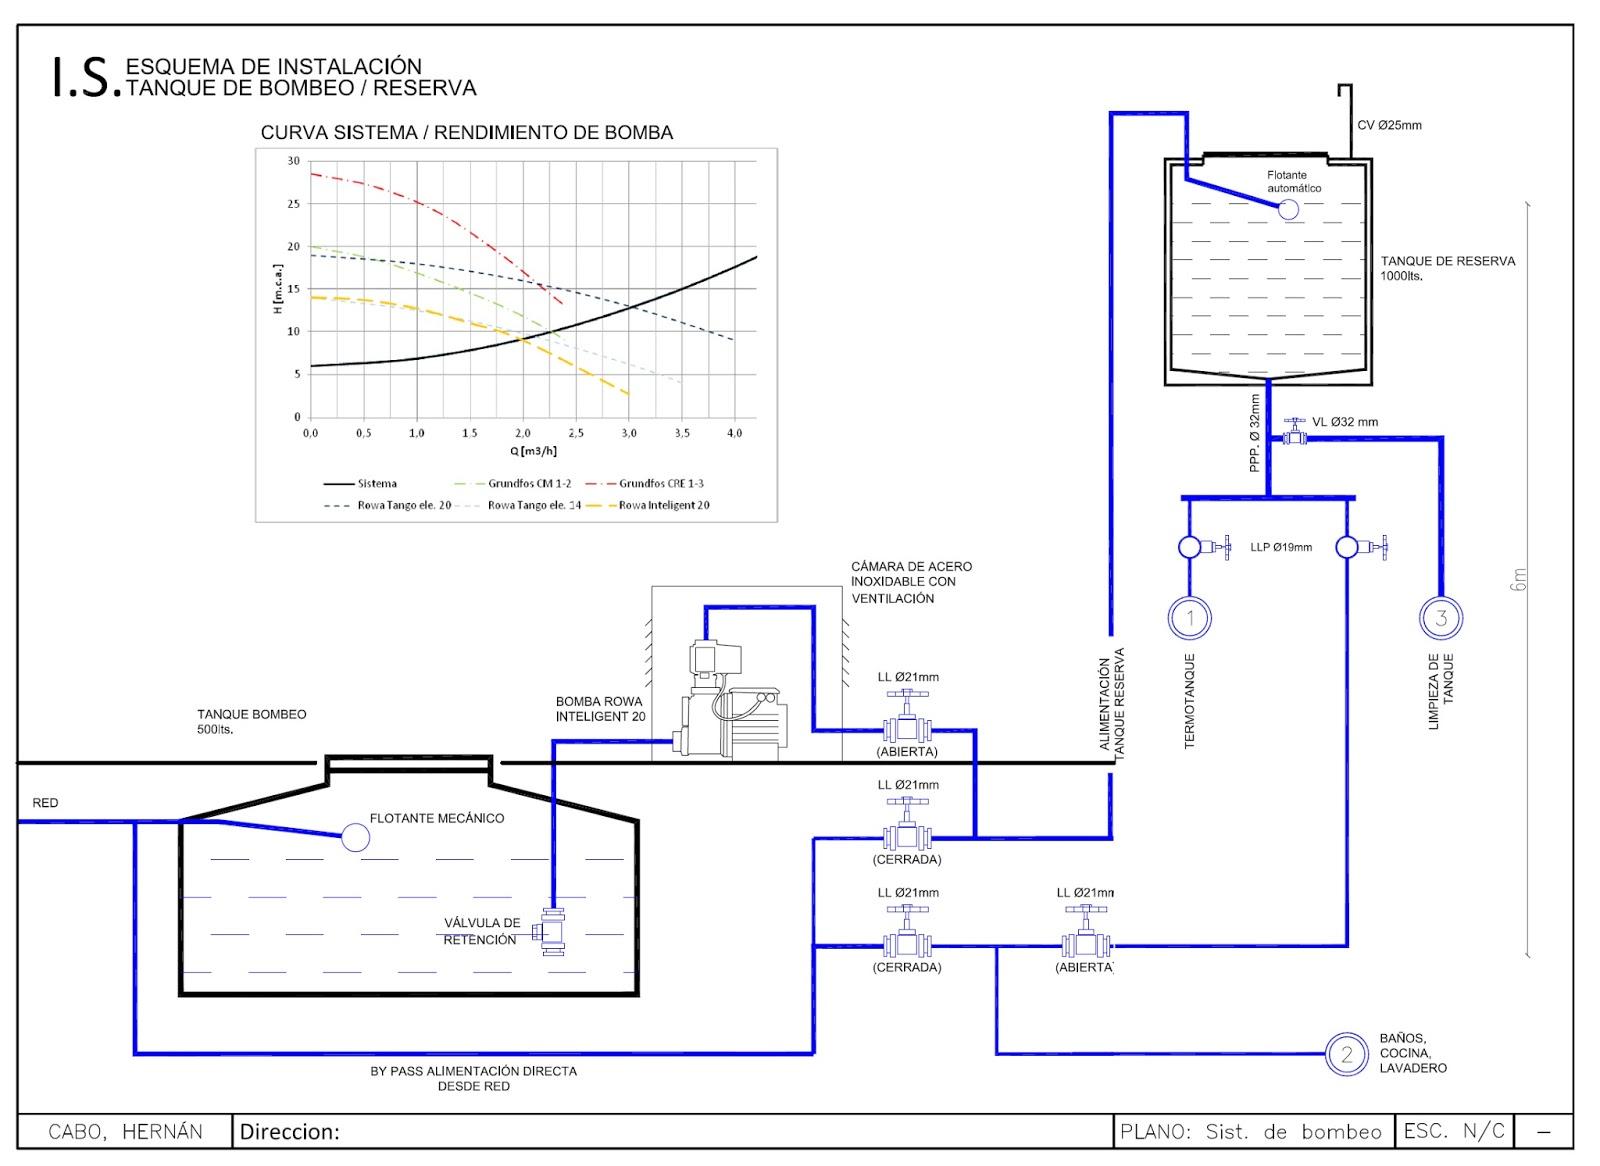 Detalles constructivos cad instalacion de tanque de agua - Como hacer una instalacion de fontaneria ...